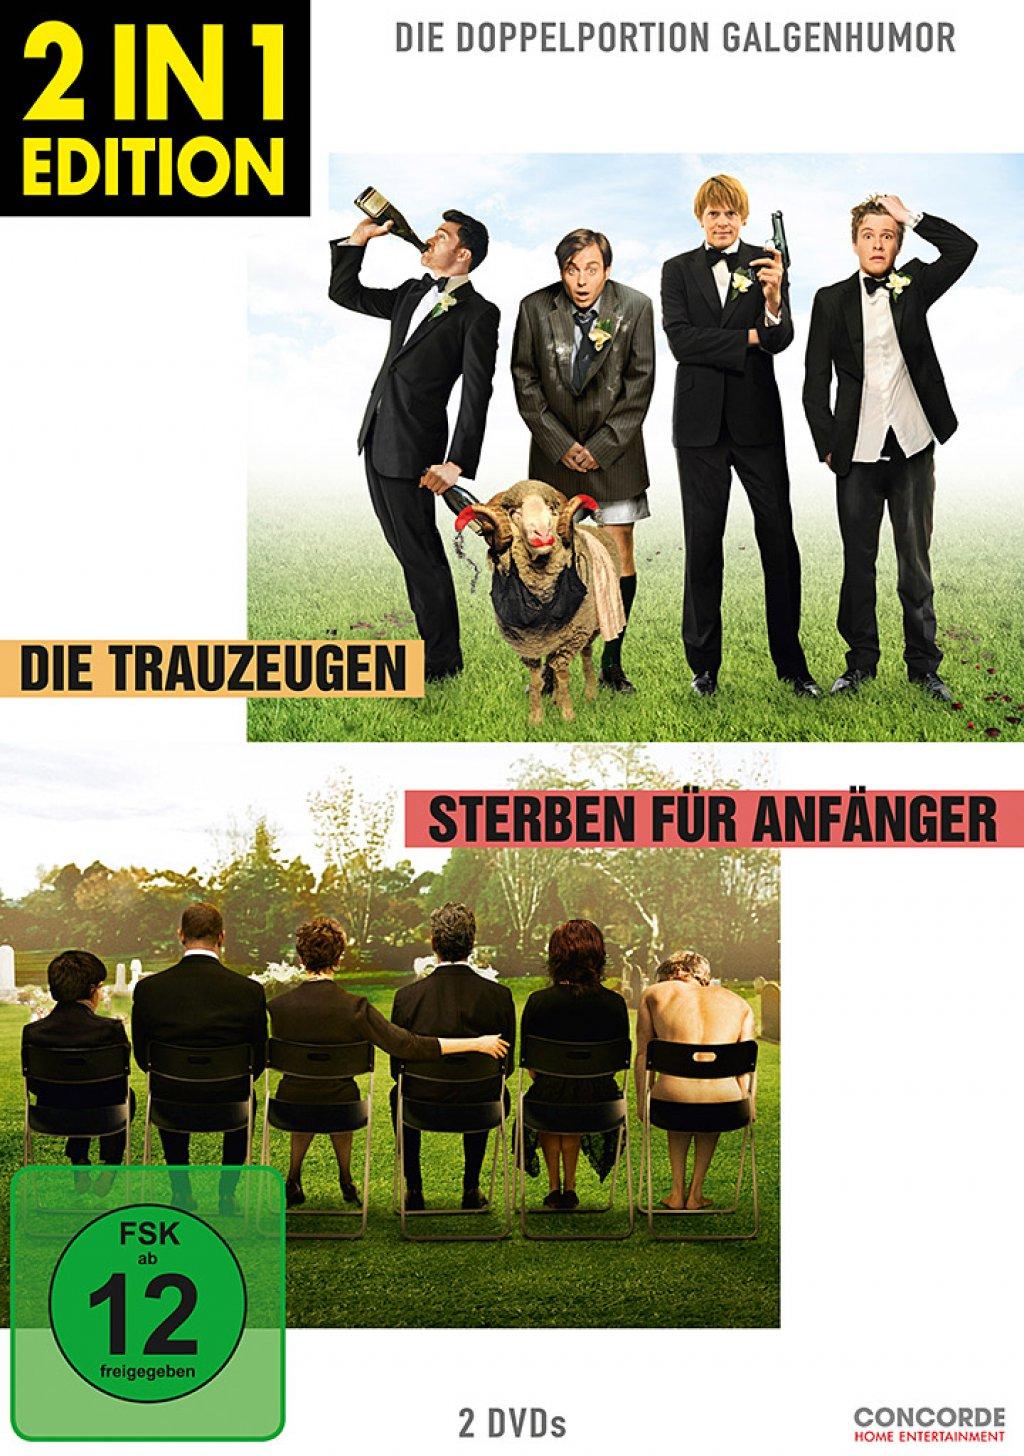 Die Trauzeugen & Sterben für Anfänger - 2 in 1 Edition (DVD)